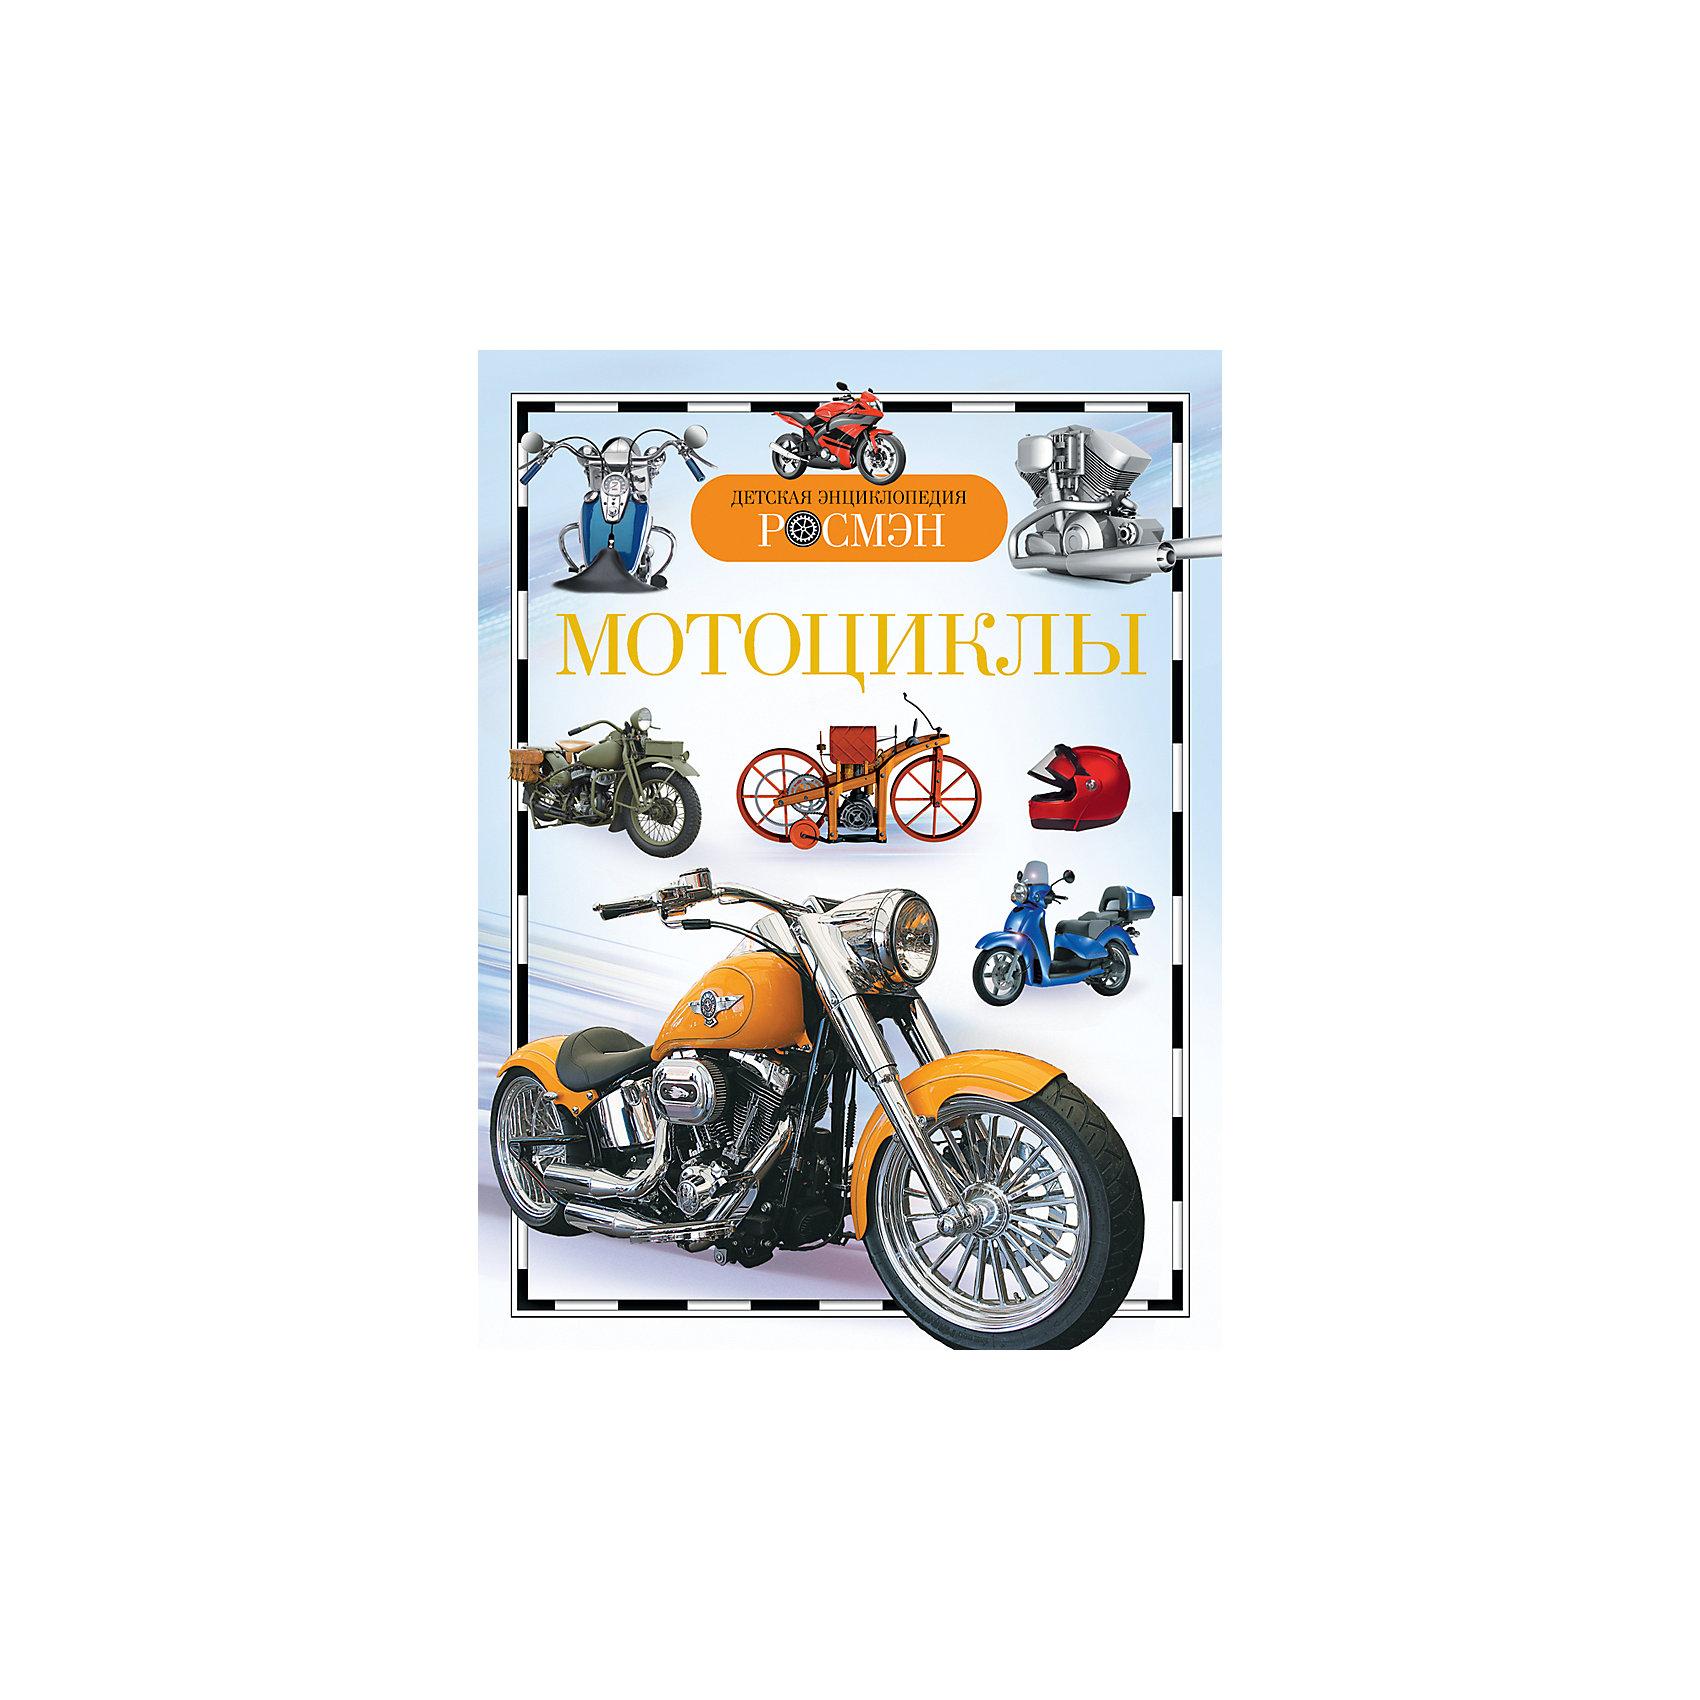 Энциклопедия МотоциклыКниги для мальчиков<br>Мотоциклы бывают разные: на одних можно с удобством кататься по городу, на других летать по скоростному шоссе, для третьих строят специальные дороги, для четвертых дороги вообще не нужны. Из книги читатель узнает, какими были первые модели мотоциклов, кто их придумал, как со временем менялась конструкция и внешний вид мотоциклов, в чем достоинства и недостатки этого вида транспорта.<br><br>Ширина мм: 221<br>Глубина мм: 168<br>Высота мм: 7<br>Вес г: 233<br>Возраст от месяцев: 72<br>Возраст до месяцев: 144<br>Пол: Мужской<br>Возраст: Детский<br>SKU: 4637421